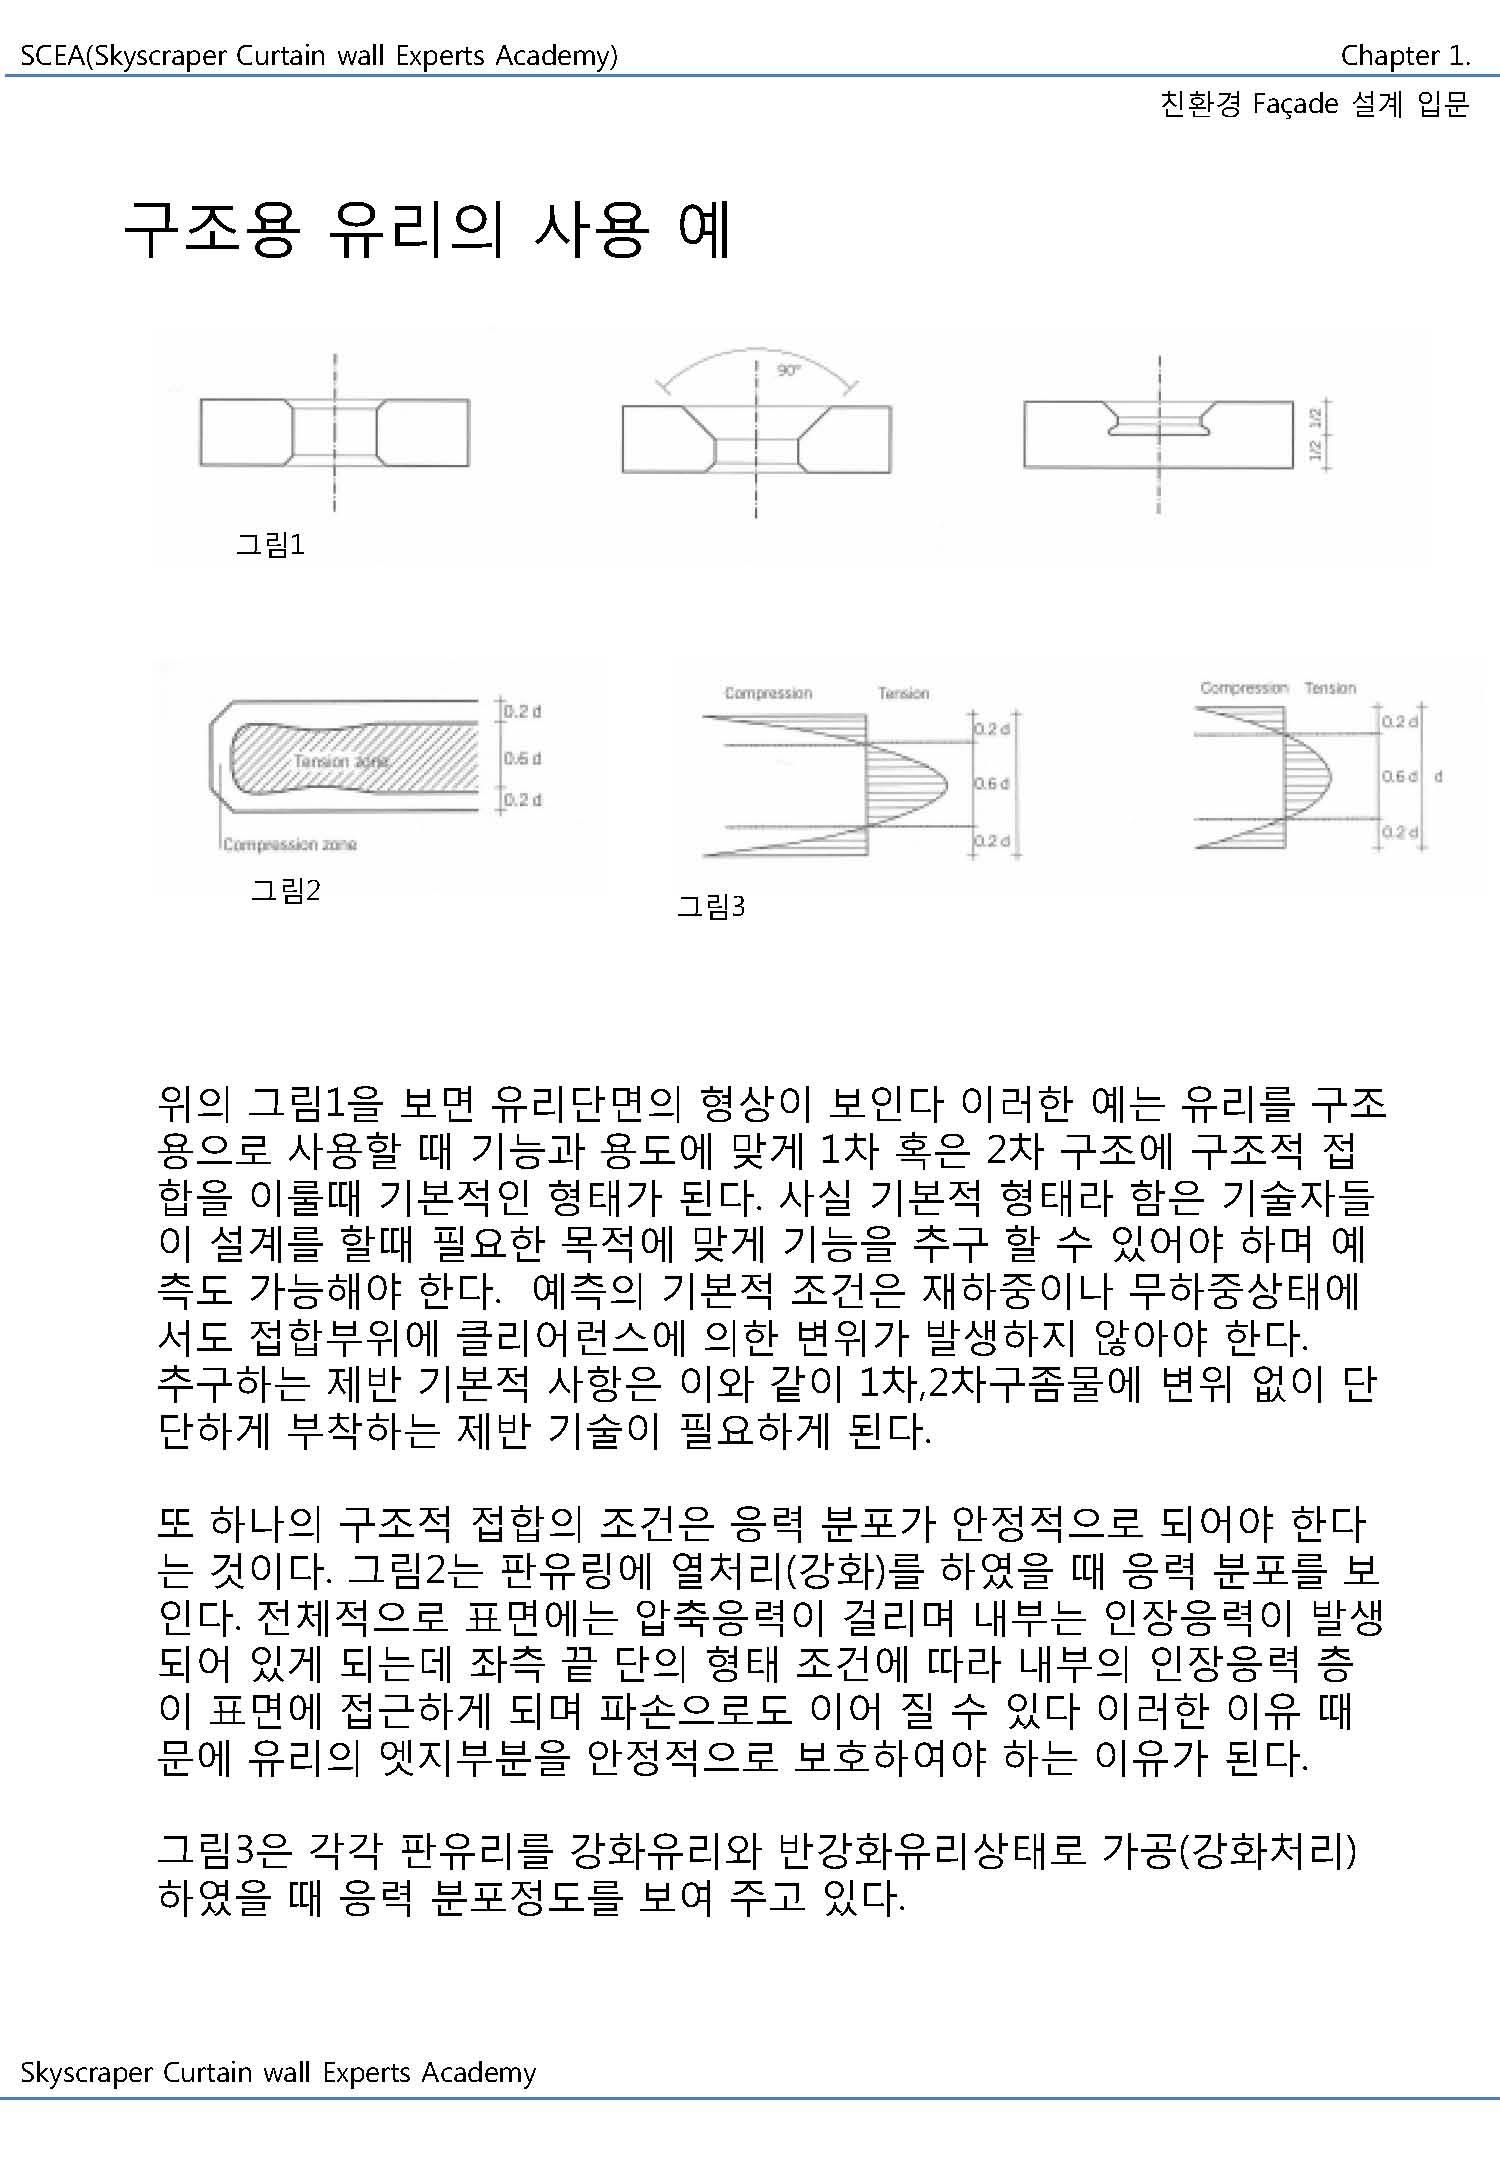 구조용 유리시스템의 설계 및 시공_페이지_006.jpg